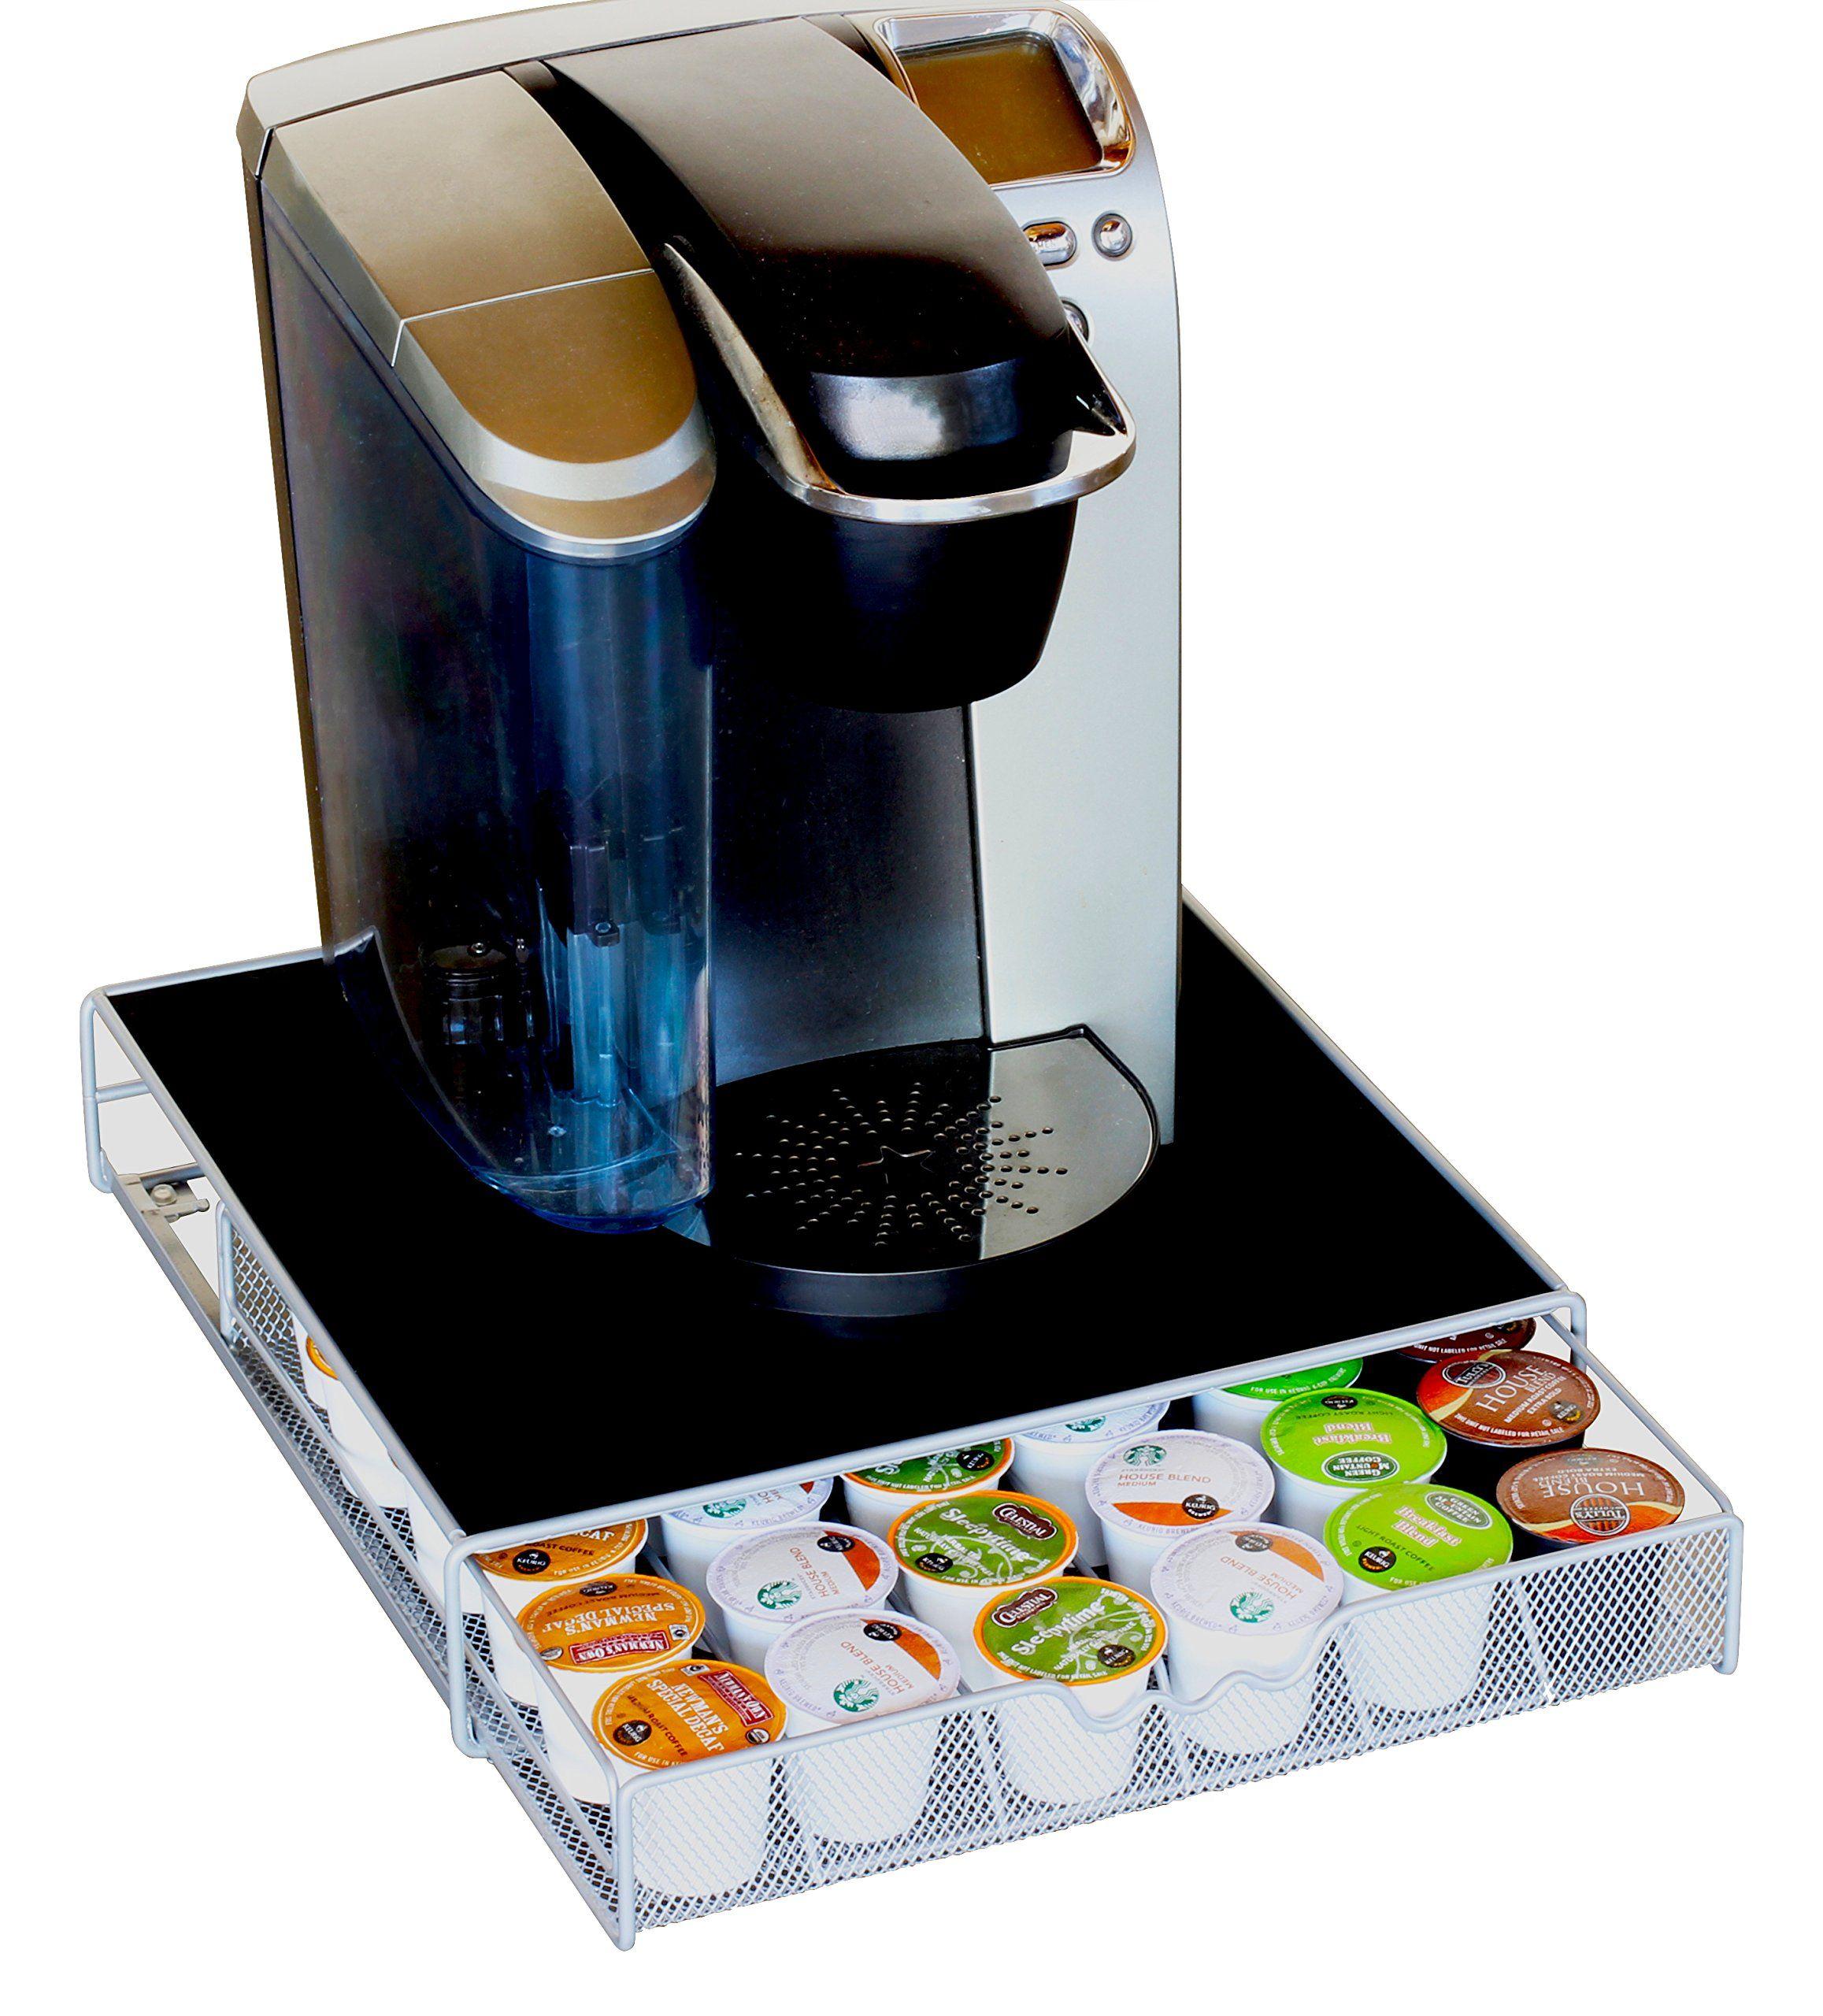 Decobros kcup storage drawer holder for